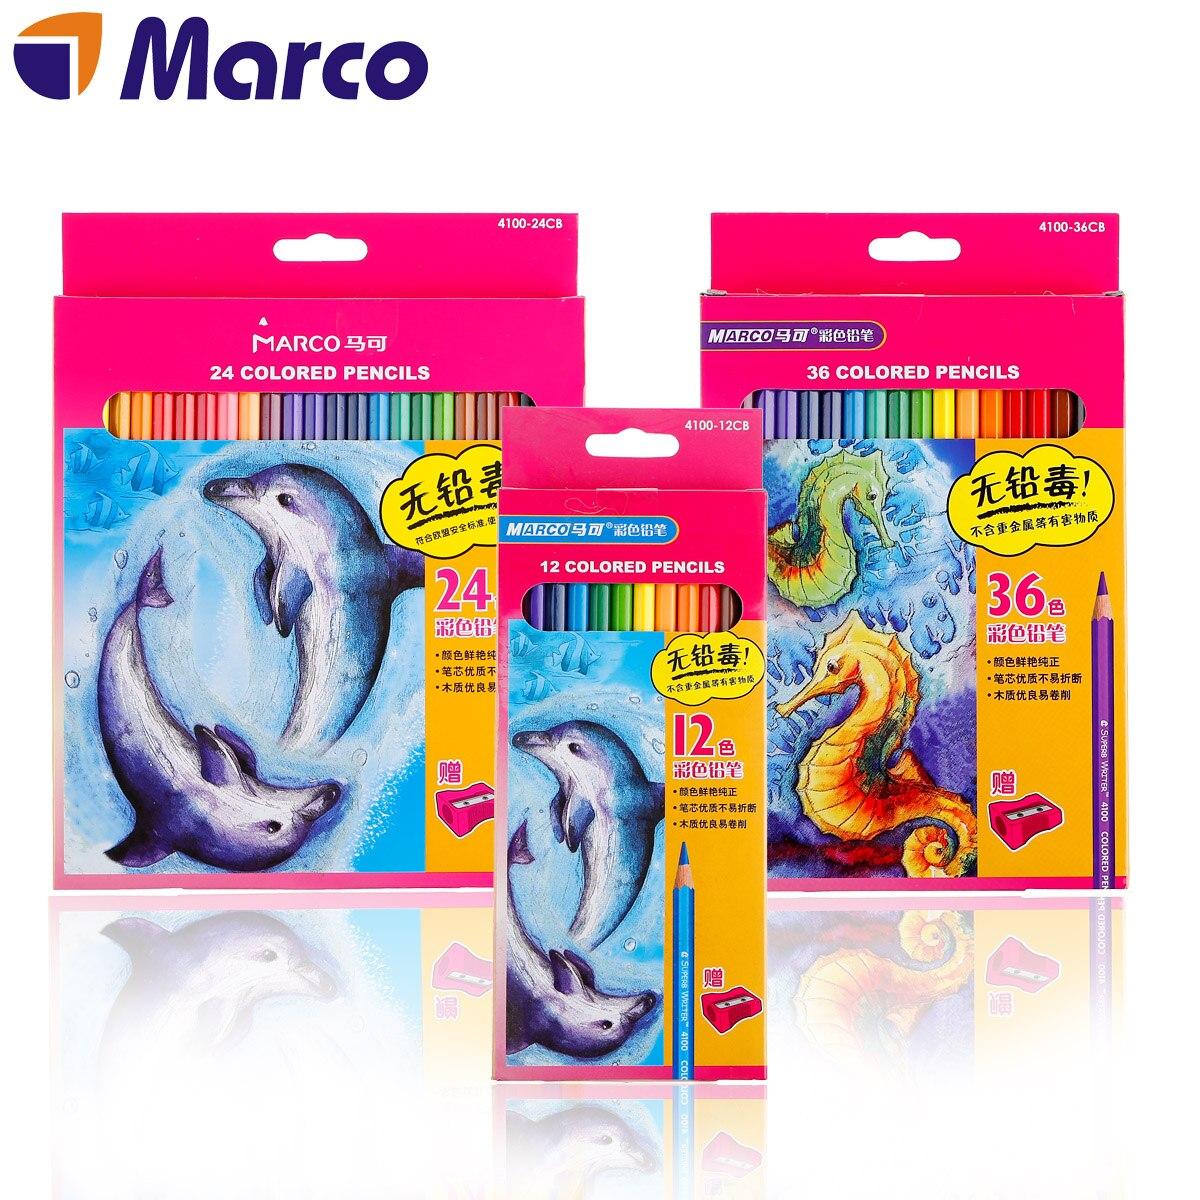 Marco 12/24/36 ensemble De crayons De Couleur sans plomb Poison bois Pastel crayons De Couleur Lapis De Cor crayons d'art De Couleur